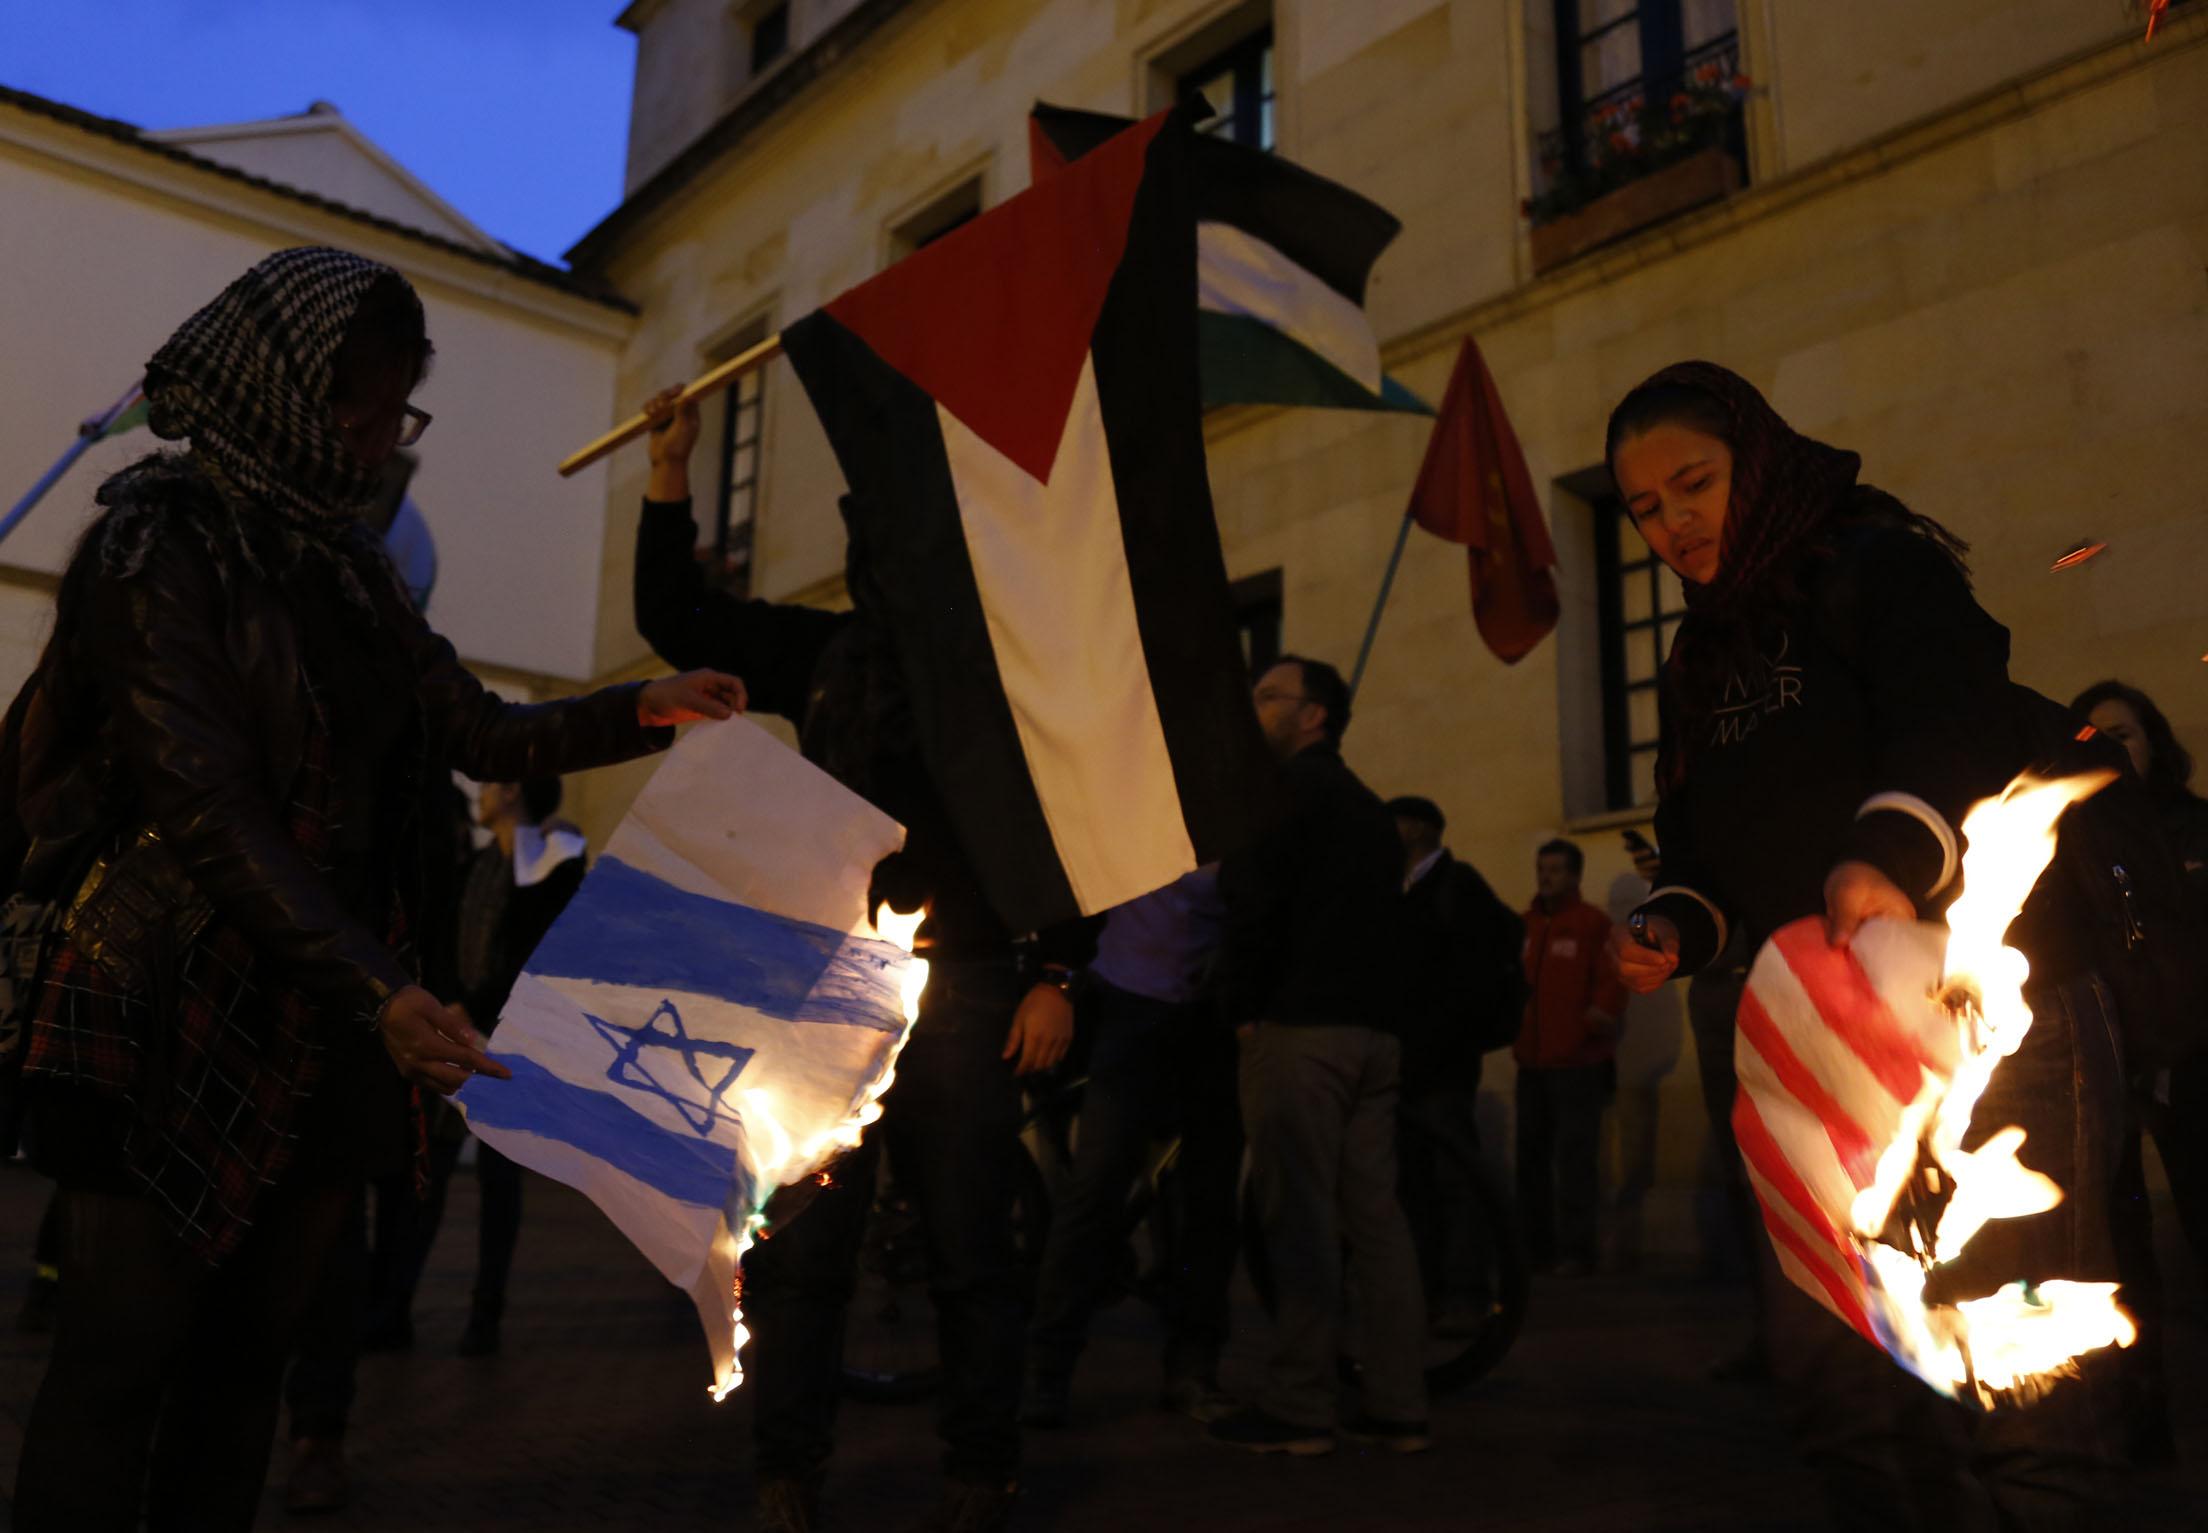 اشعال النار فى العلم الاسرائيلى والامريكي